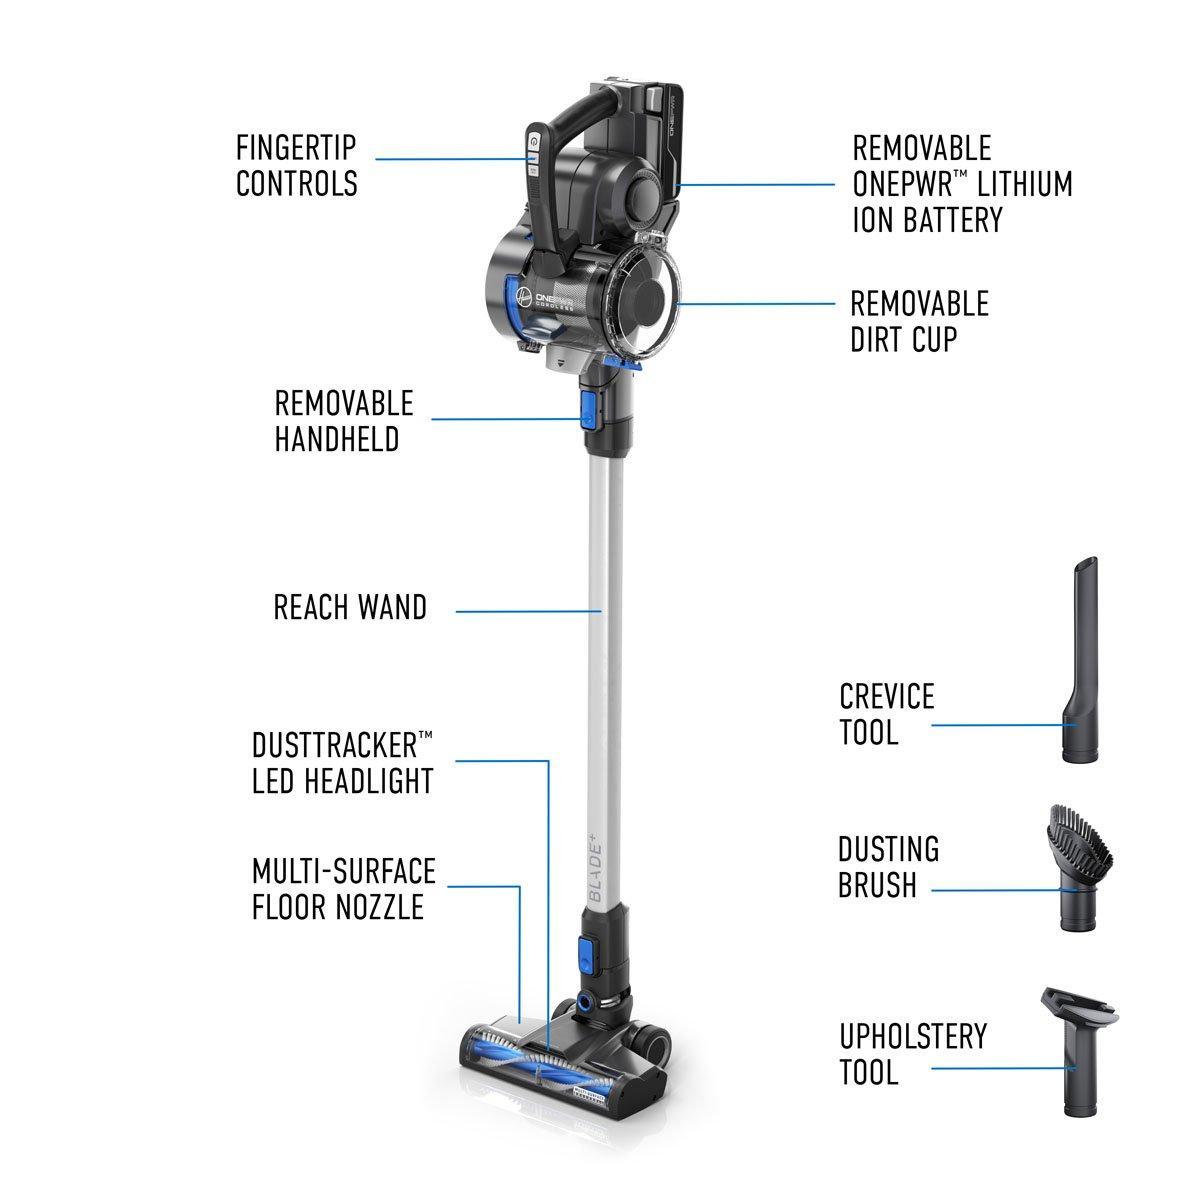 ONEPWR Blade+ Cordless Vacuum - Kit10